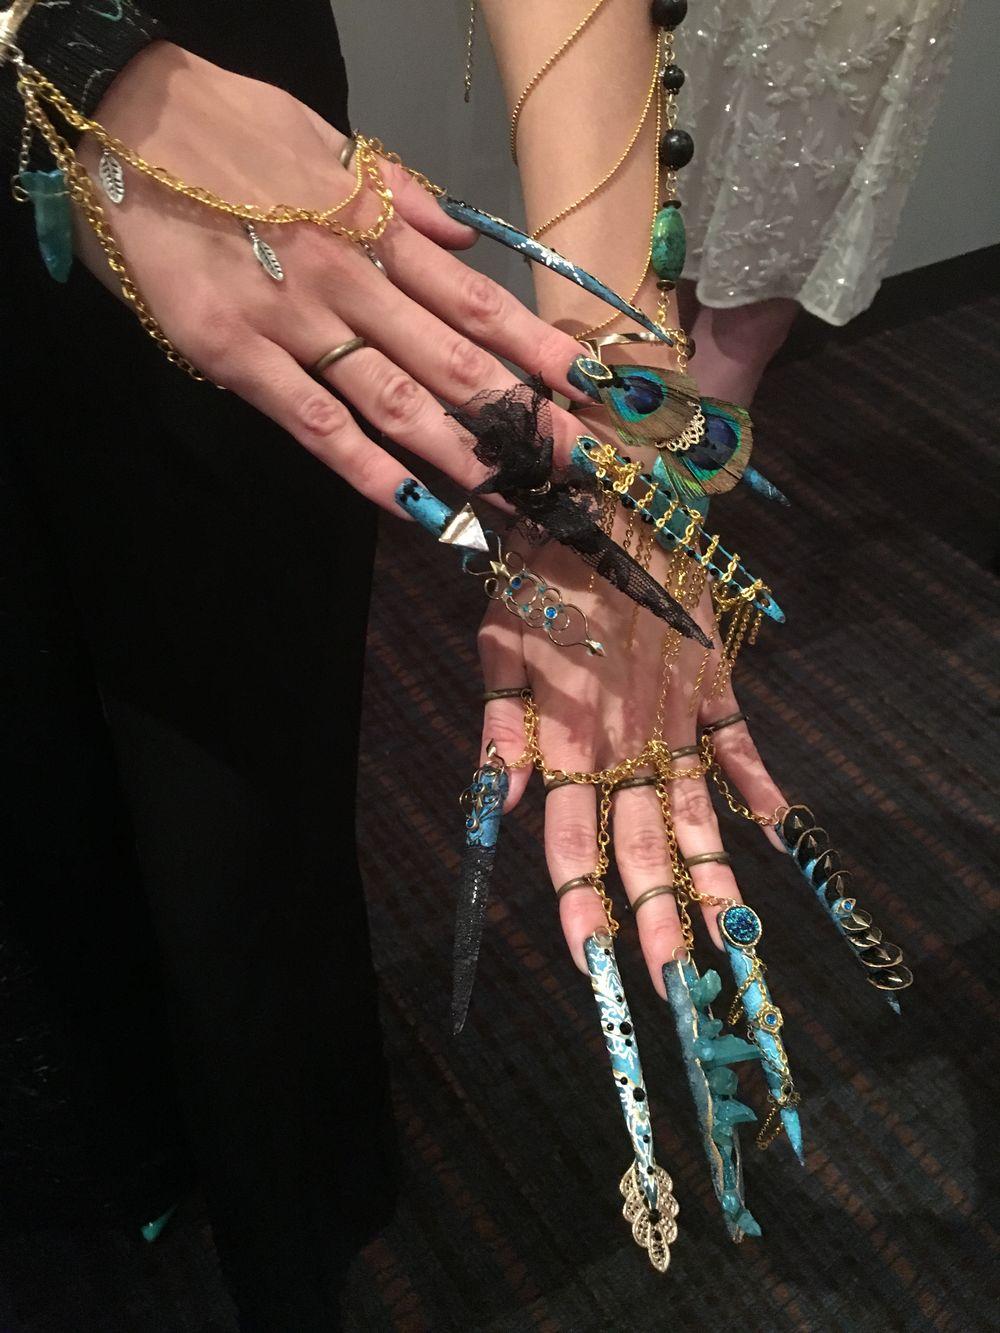 <p>Nails by Celina Ryden</p>